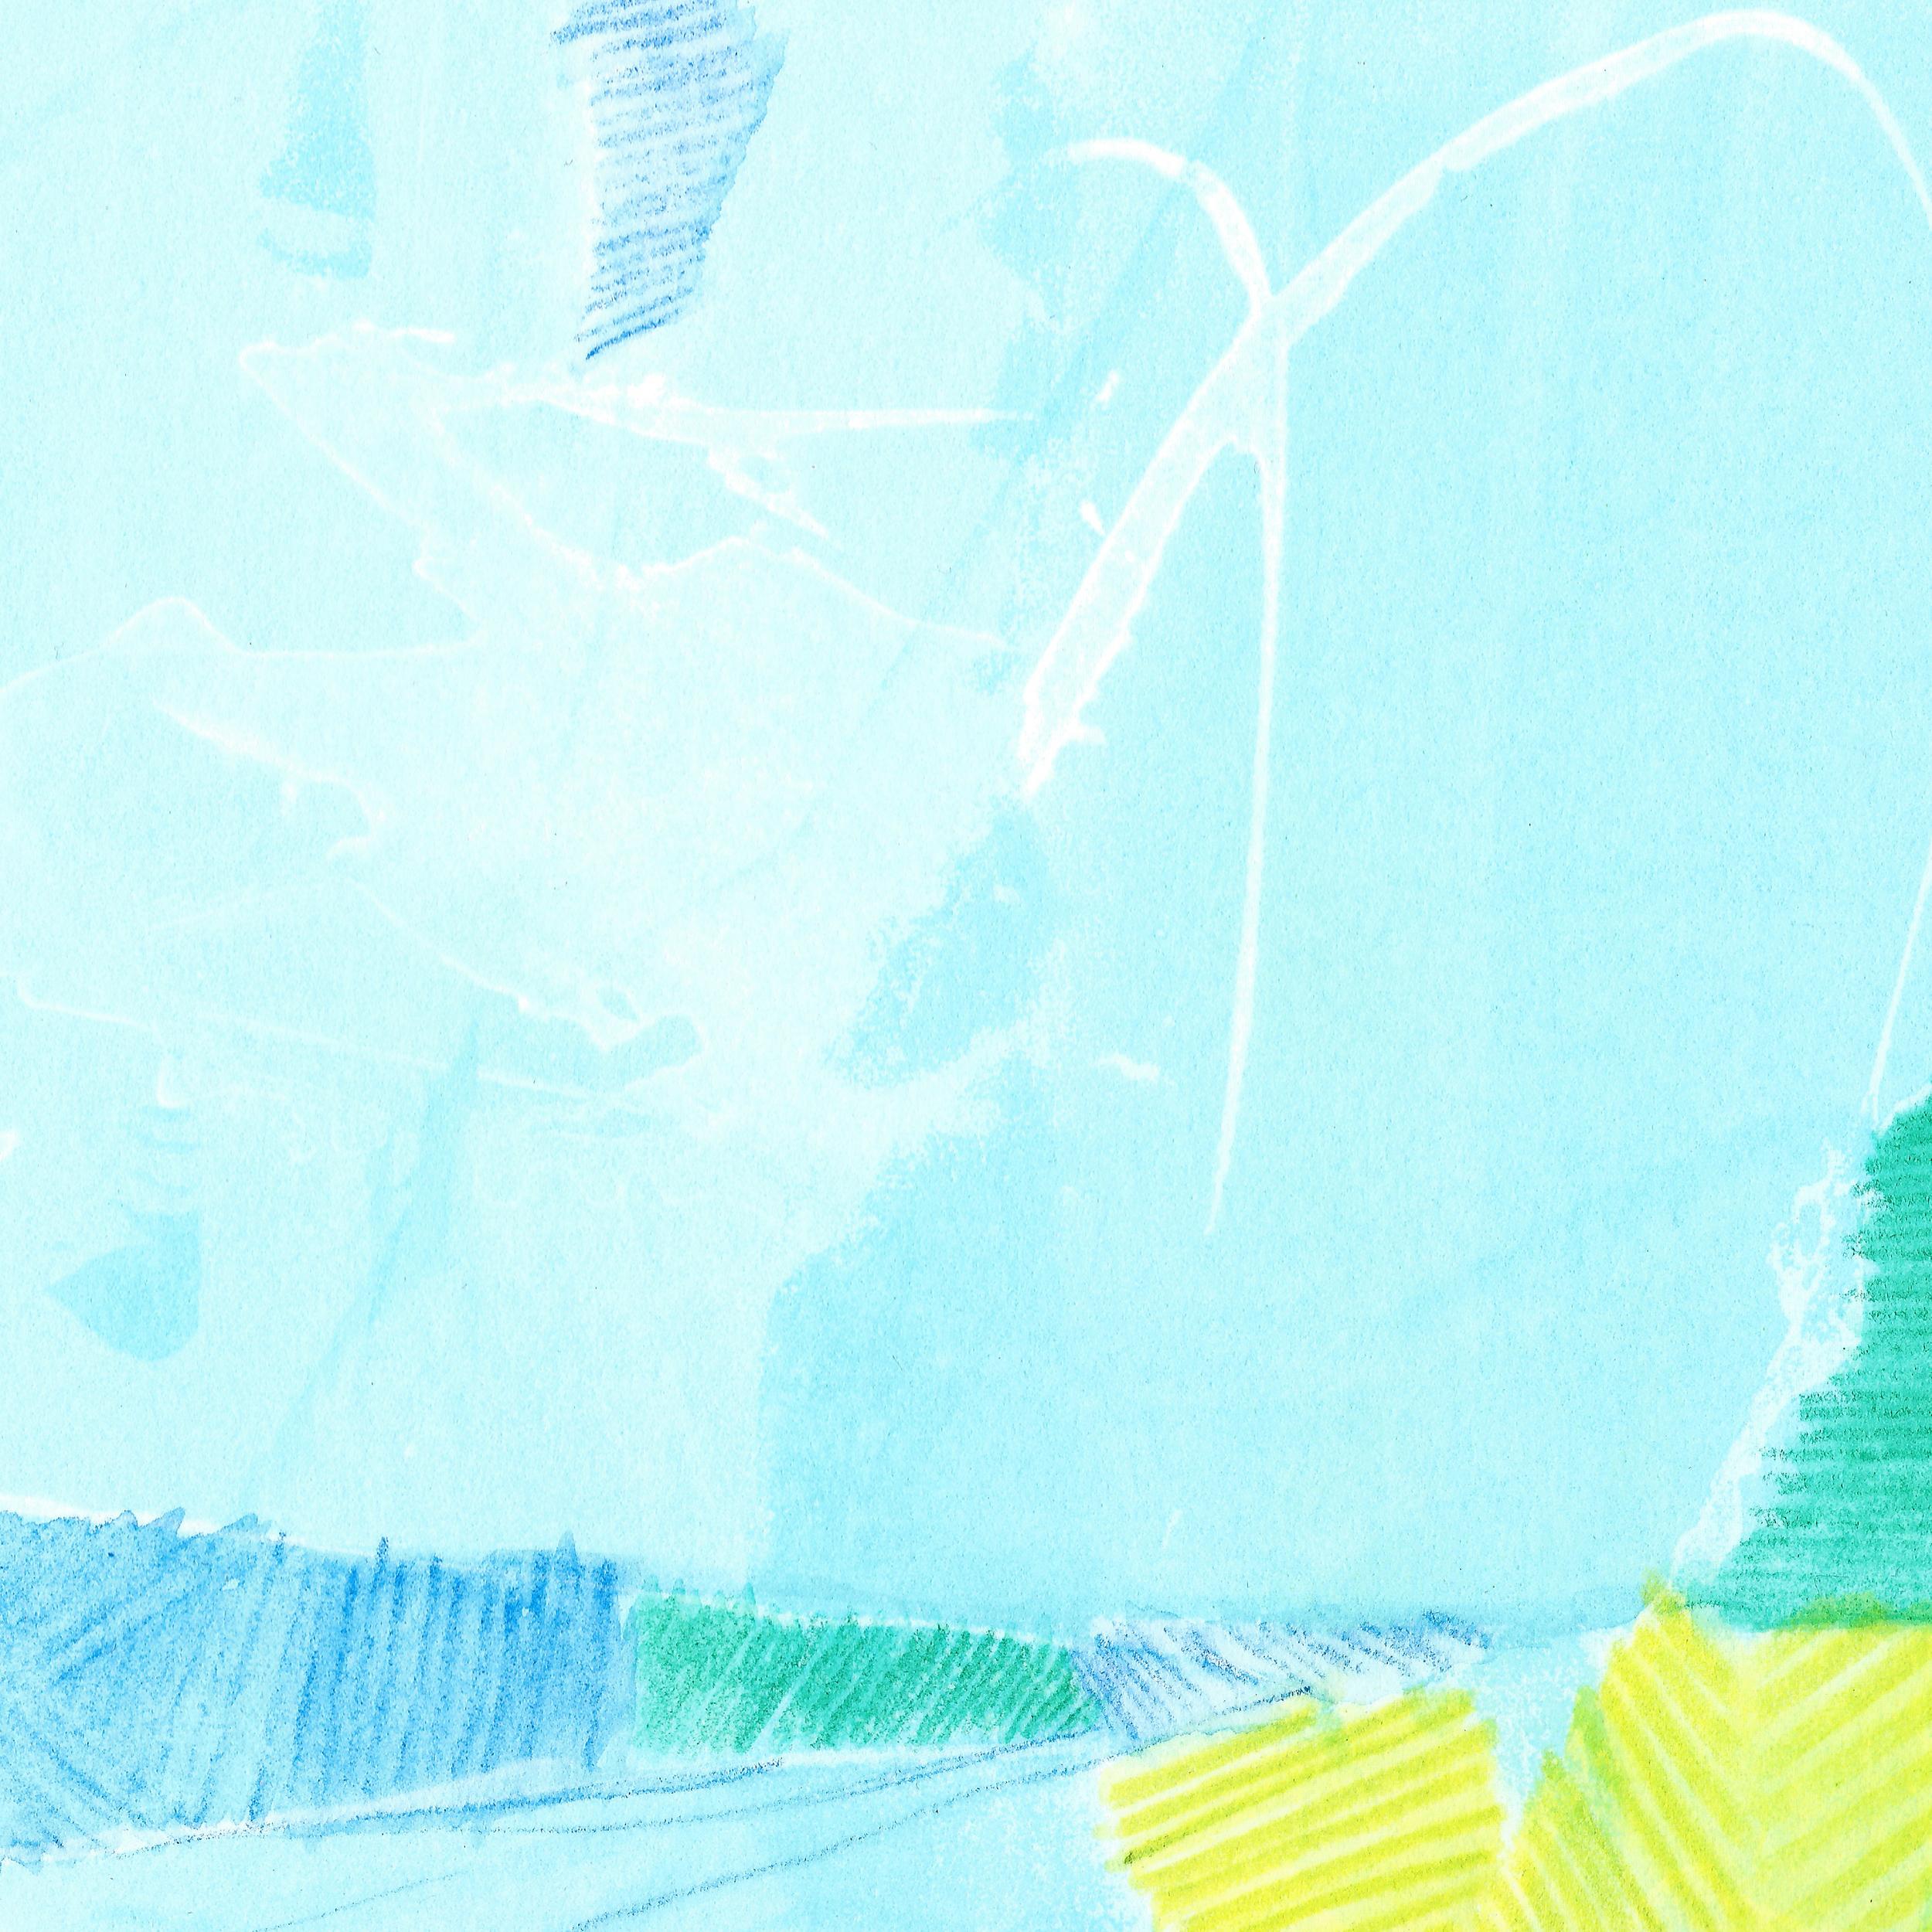 Chartreuse Fields sqs.jpg